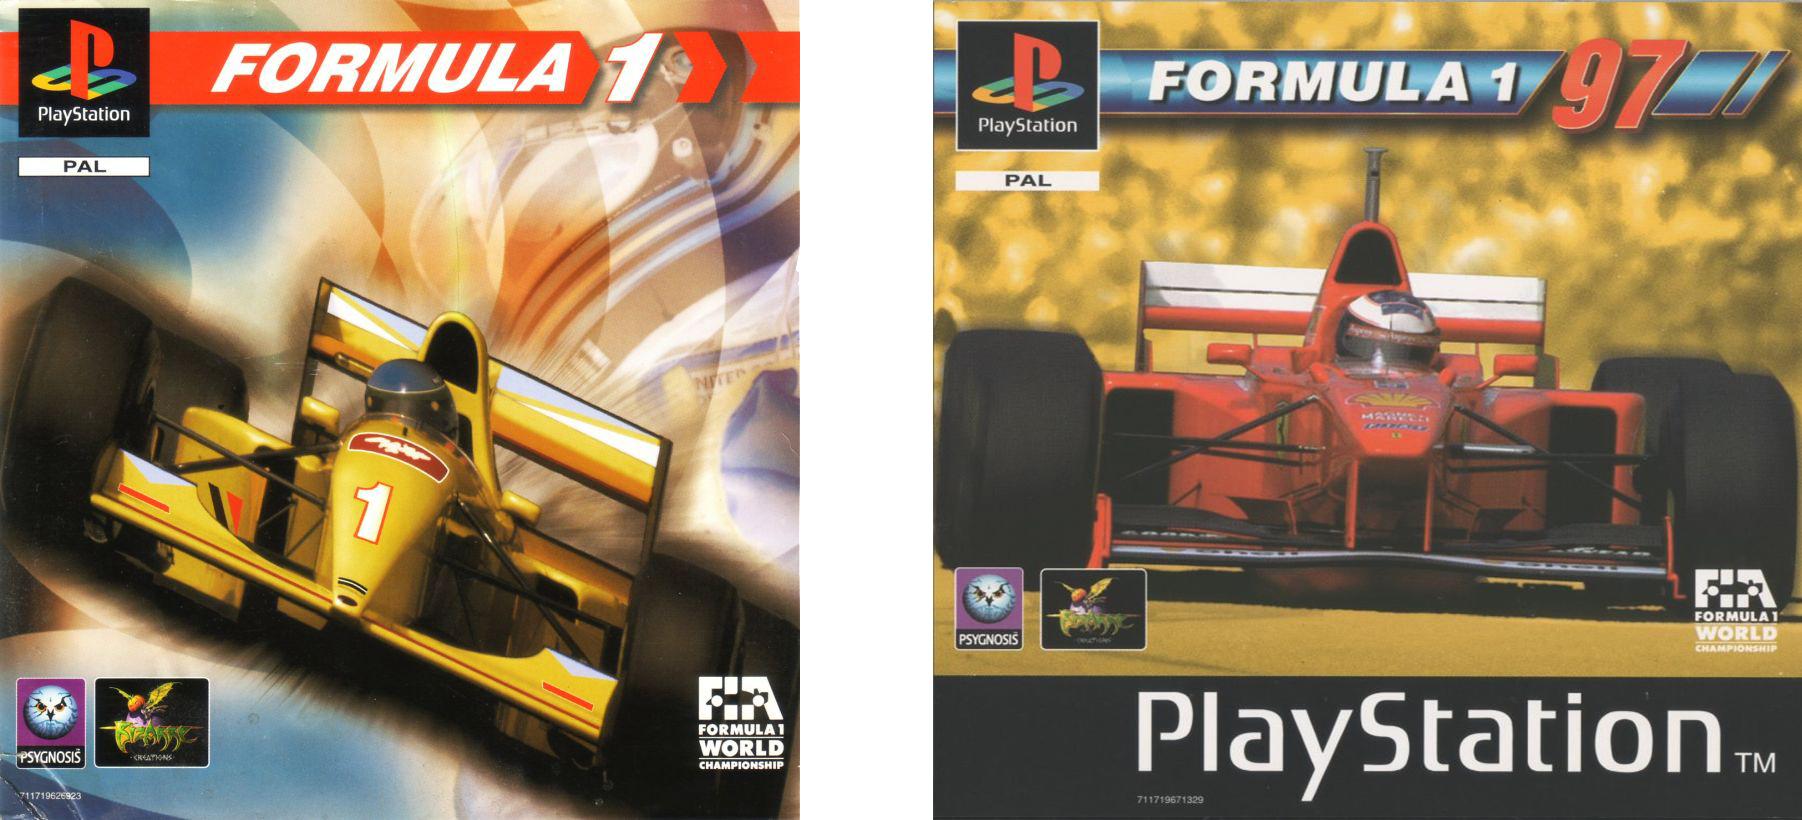 fomula one 96 97 - Limitowana edycja PlayStation Jordan Grand Prix. Niezwykła historia premiery gry Formula 1 97.